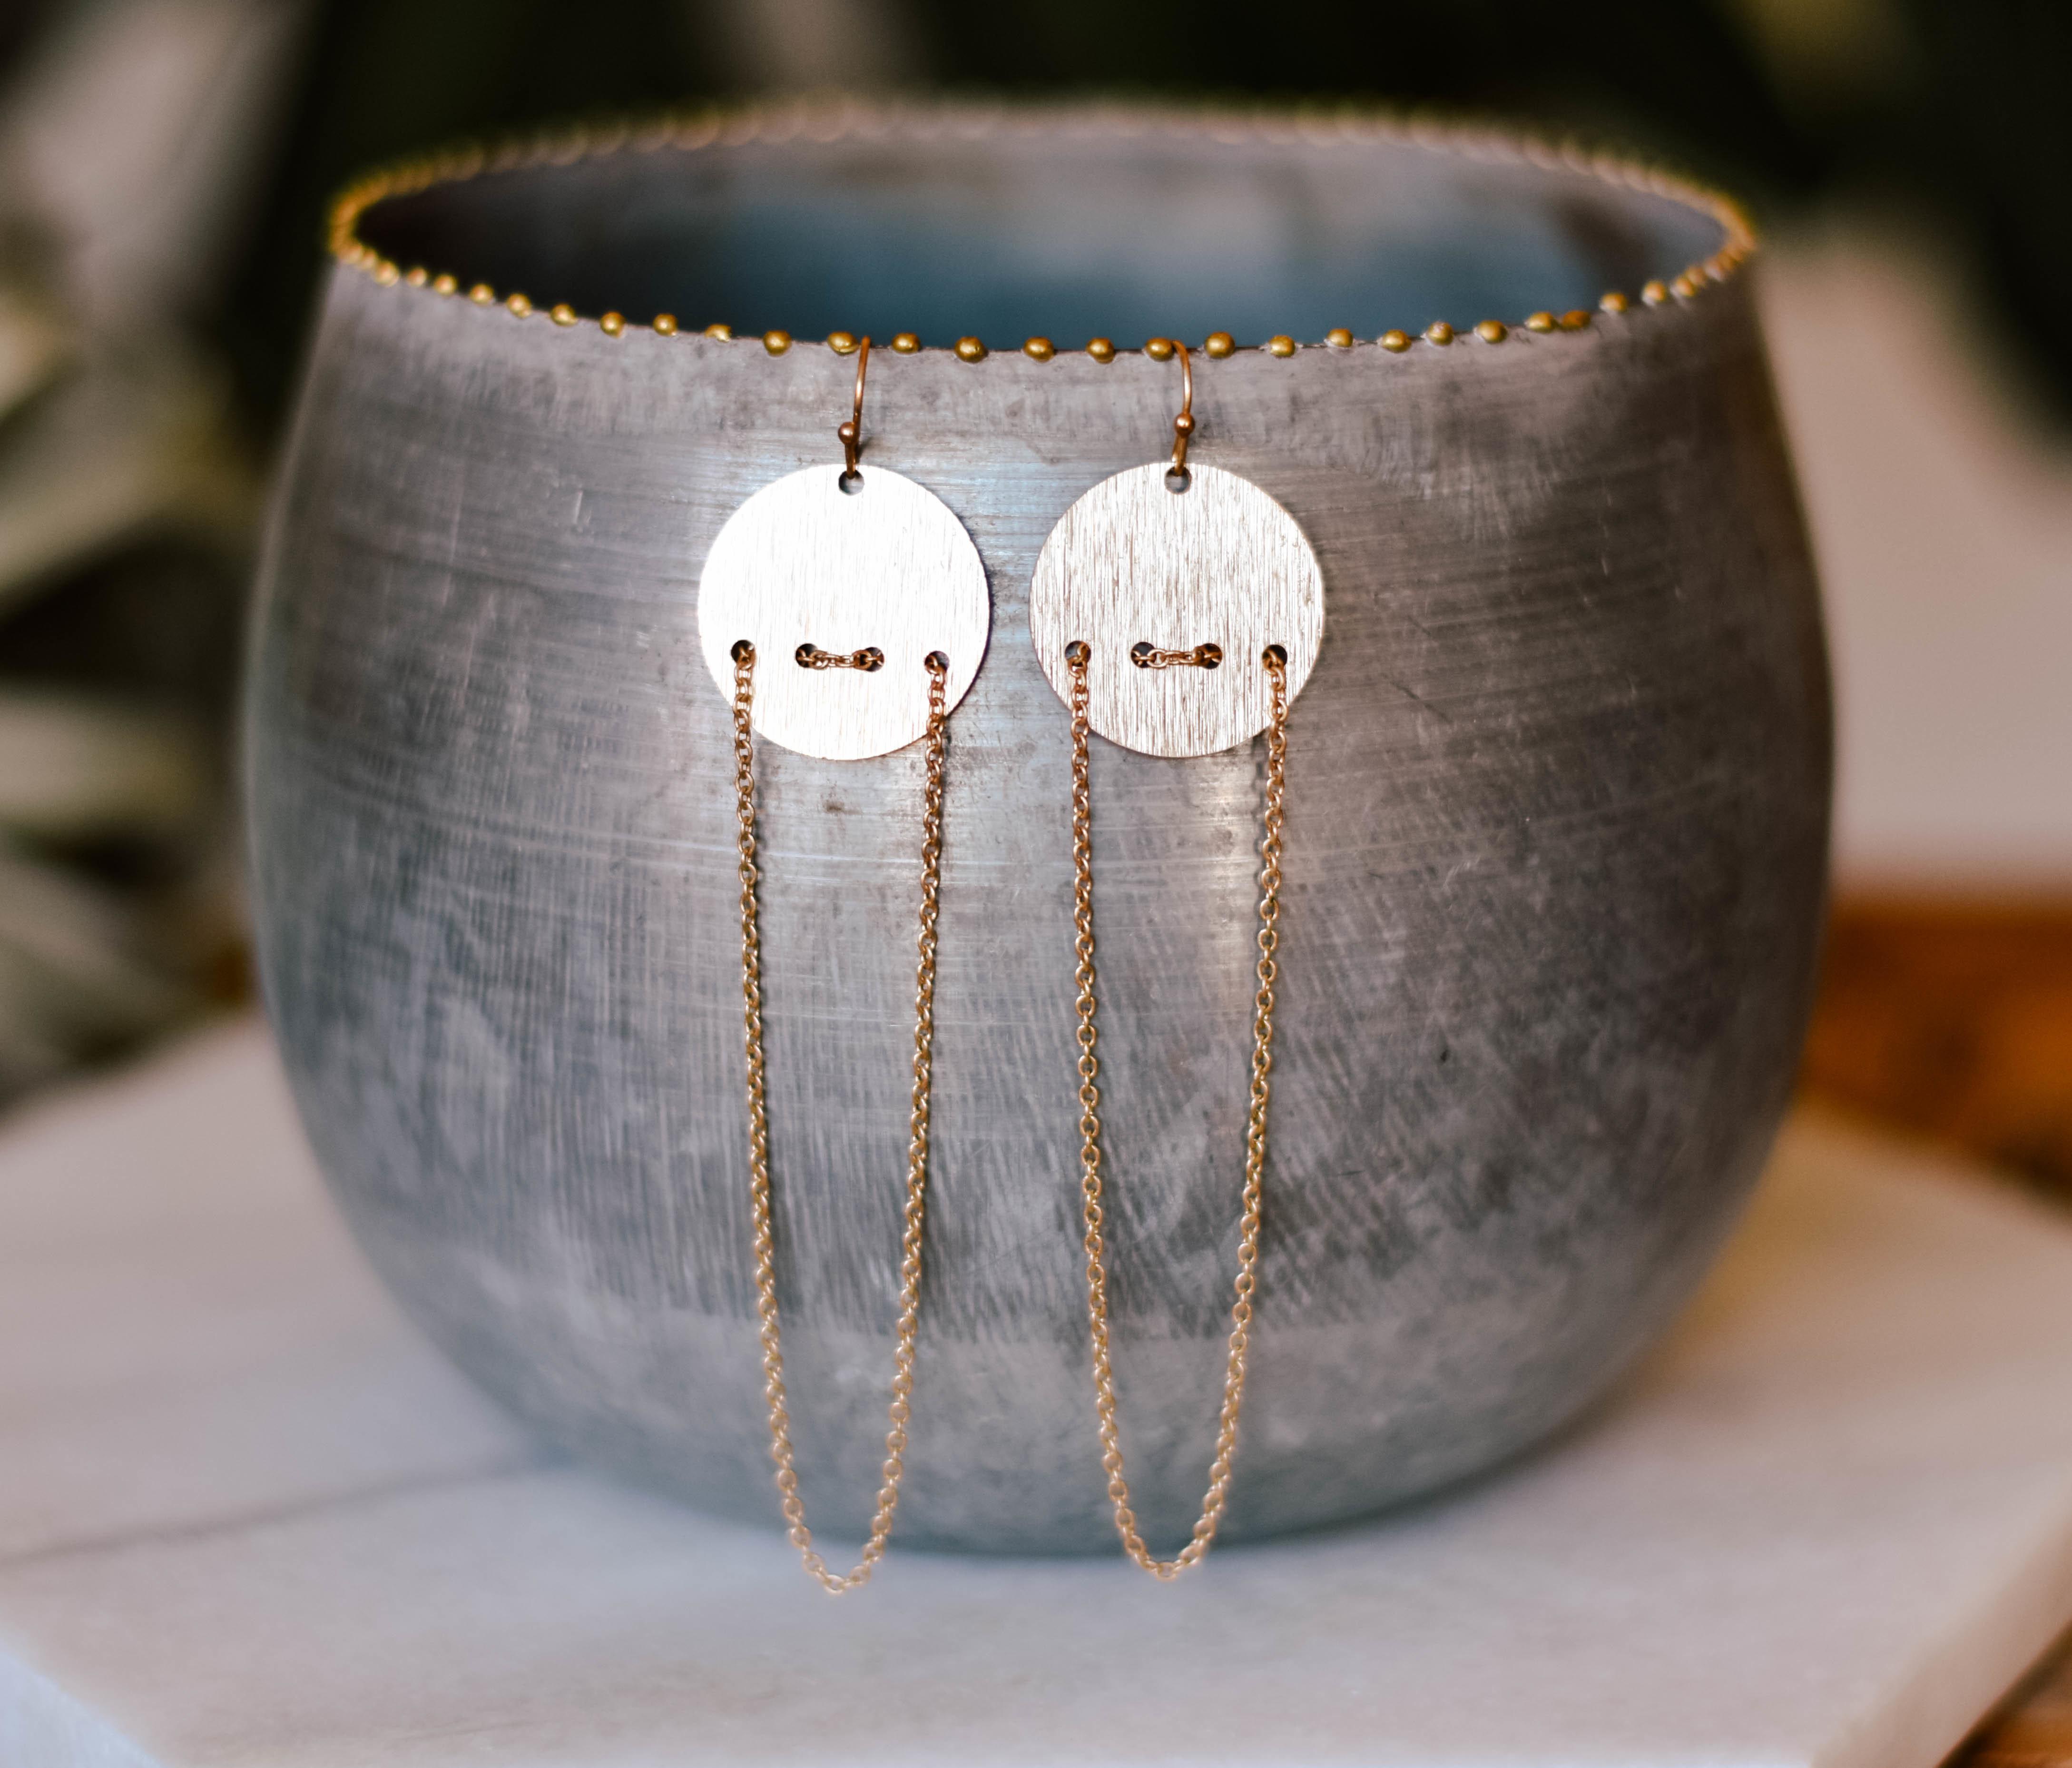 lola chain drop earrings 17552 QN0VSWAGC09DE